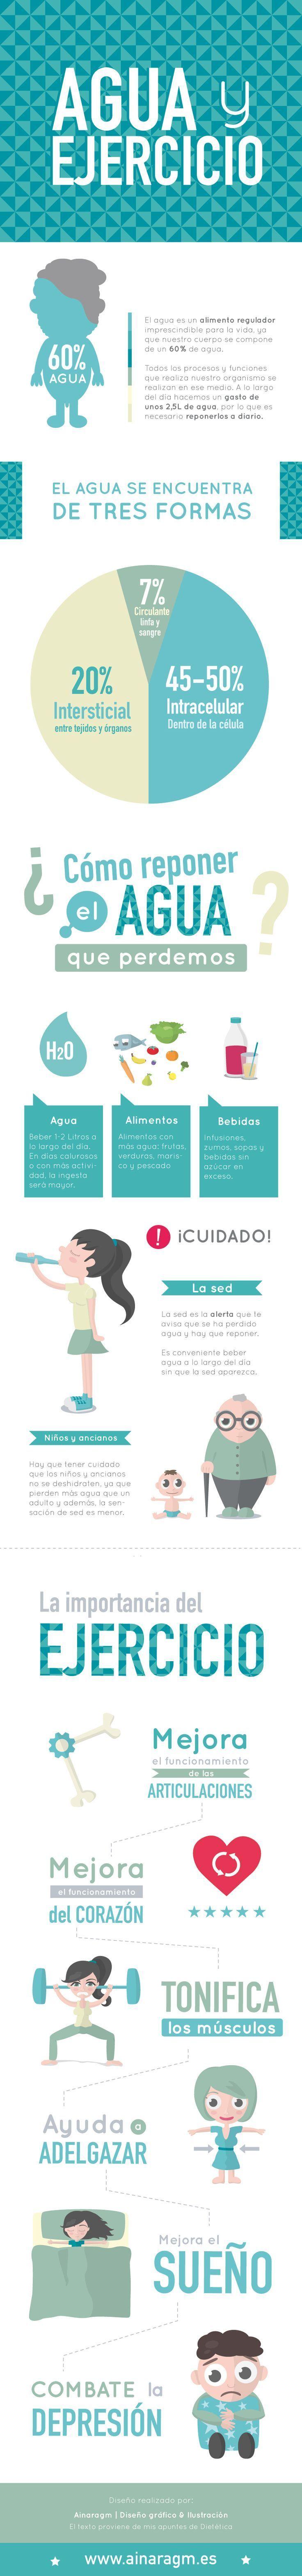 """Hola: Compartimos una infografía sobre """"Importancia del Agua y el Ejercicio en la Vida de los Seres Humanos"""". Un gran saludo.  Elaboración: Ainaragm.es  Enlaces de interés: Pirámide de ..."""